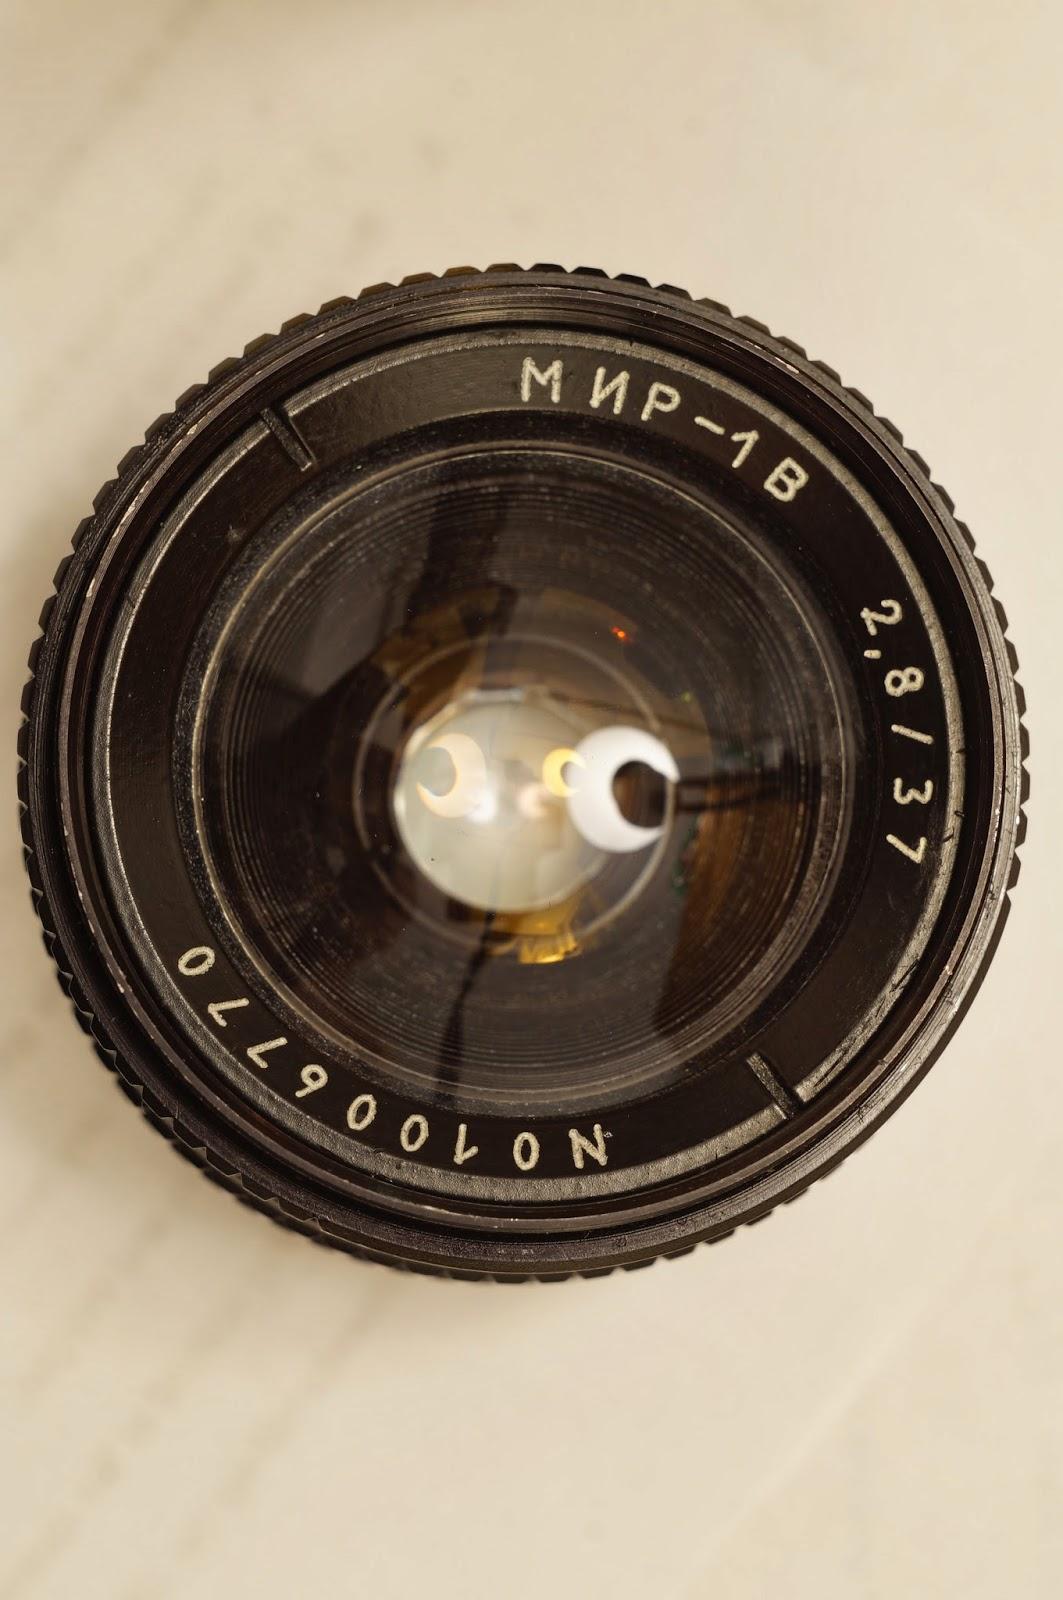 Mir-1B 37mm F2.8 M42